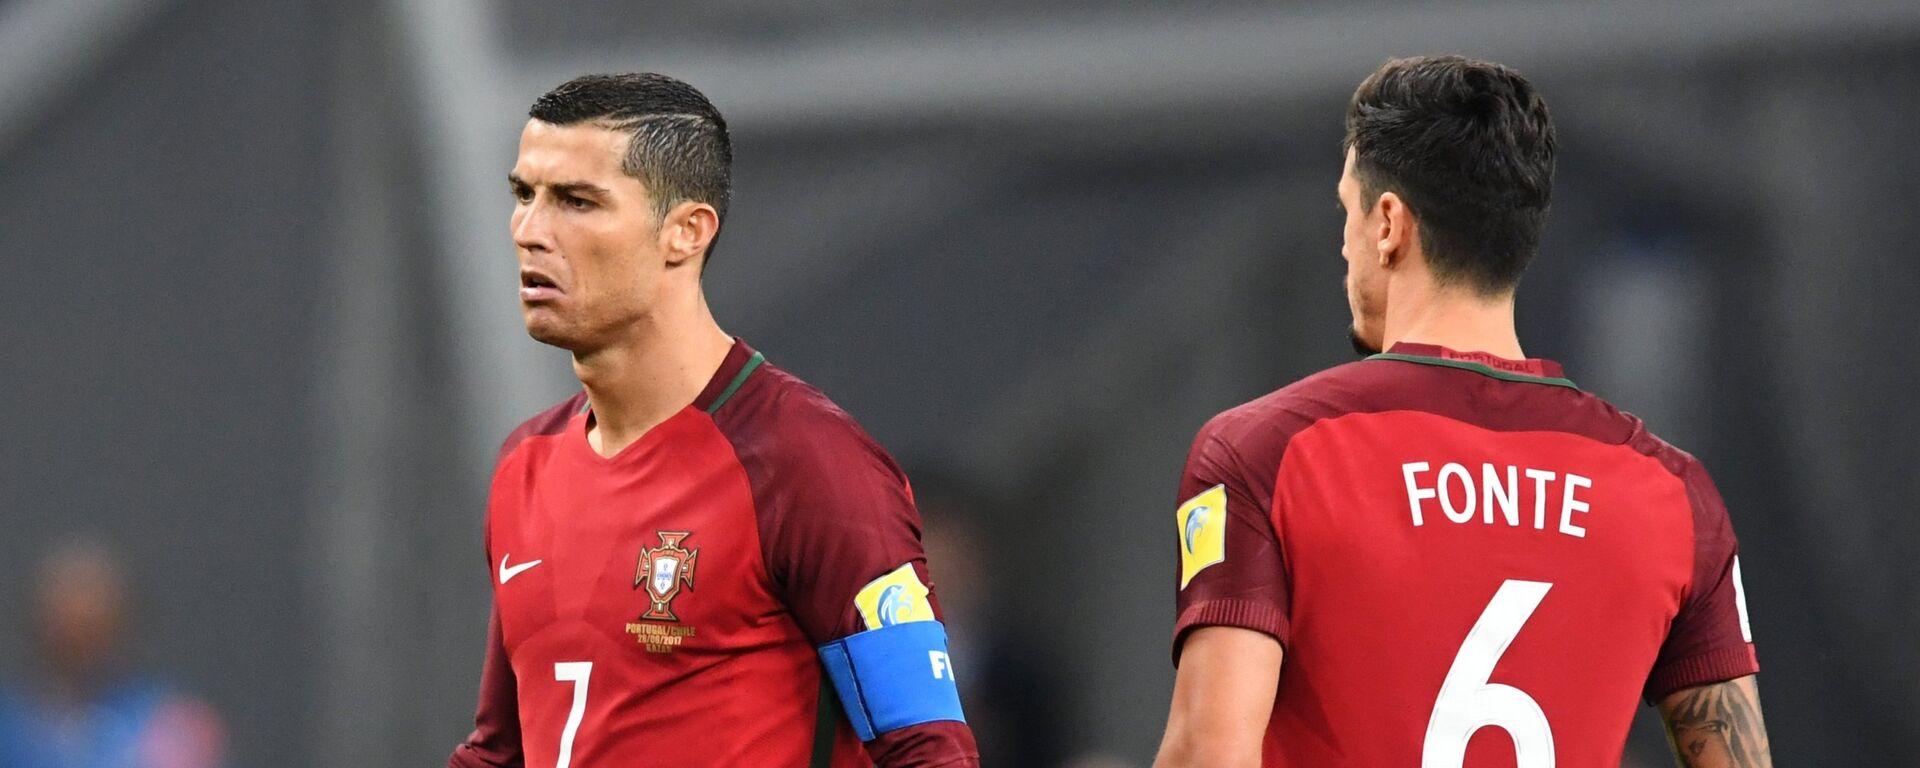 Cristiano Ronaldo při zápase Konfederačního poháru 2017 - Sputnik Česká republika, 1920, 20.06.2021